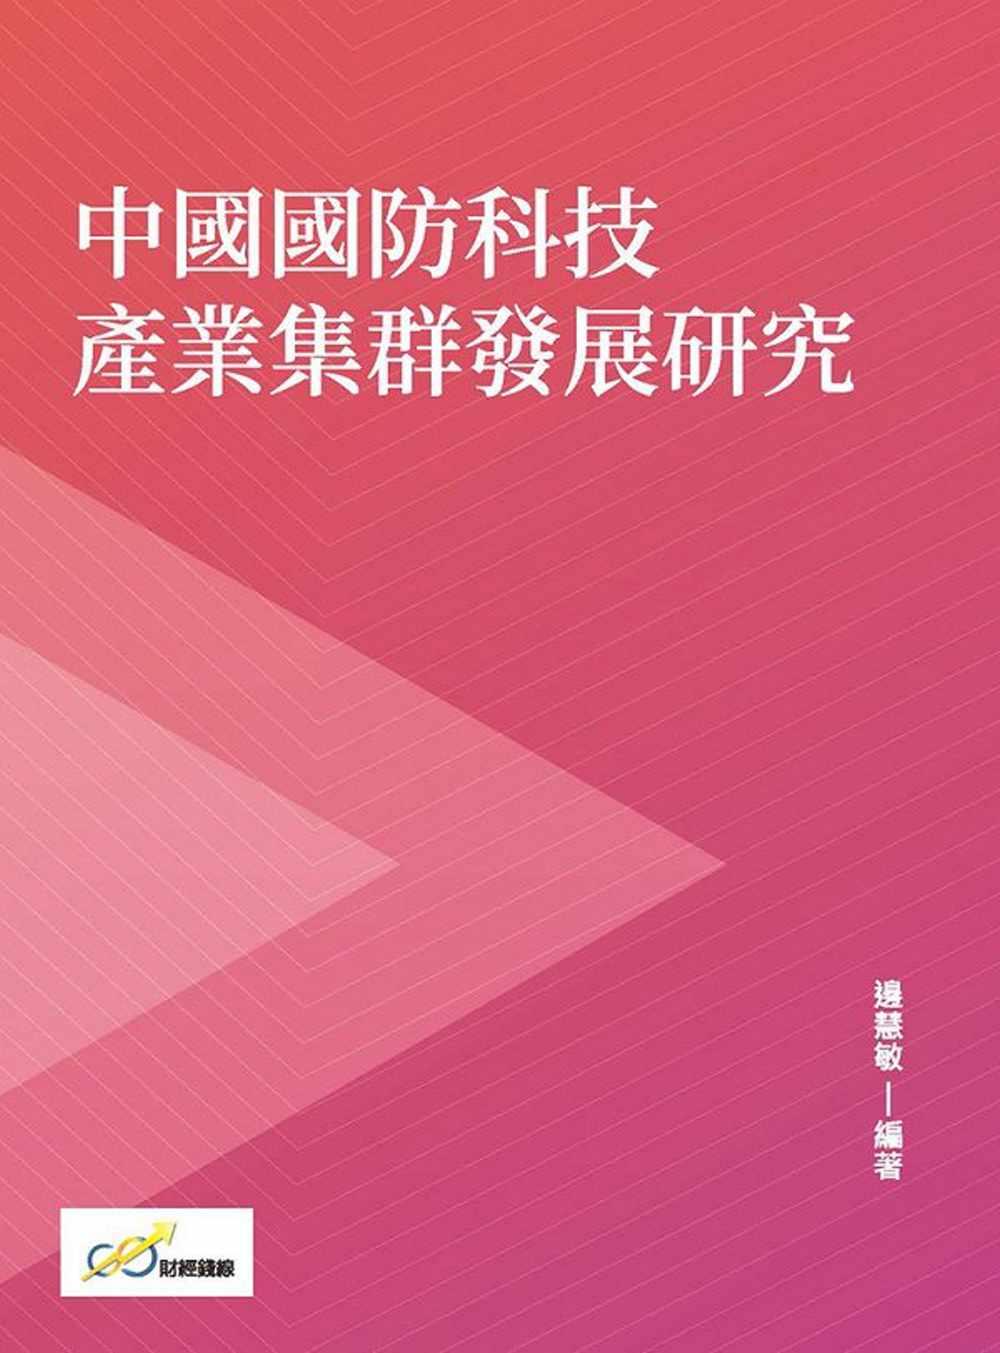 中國國防科技產業集群發展研究